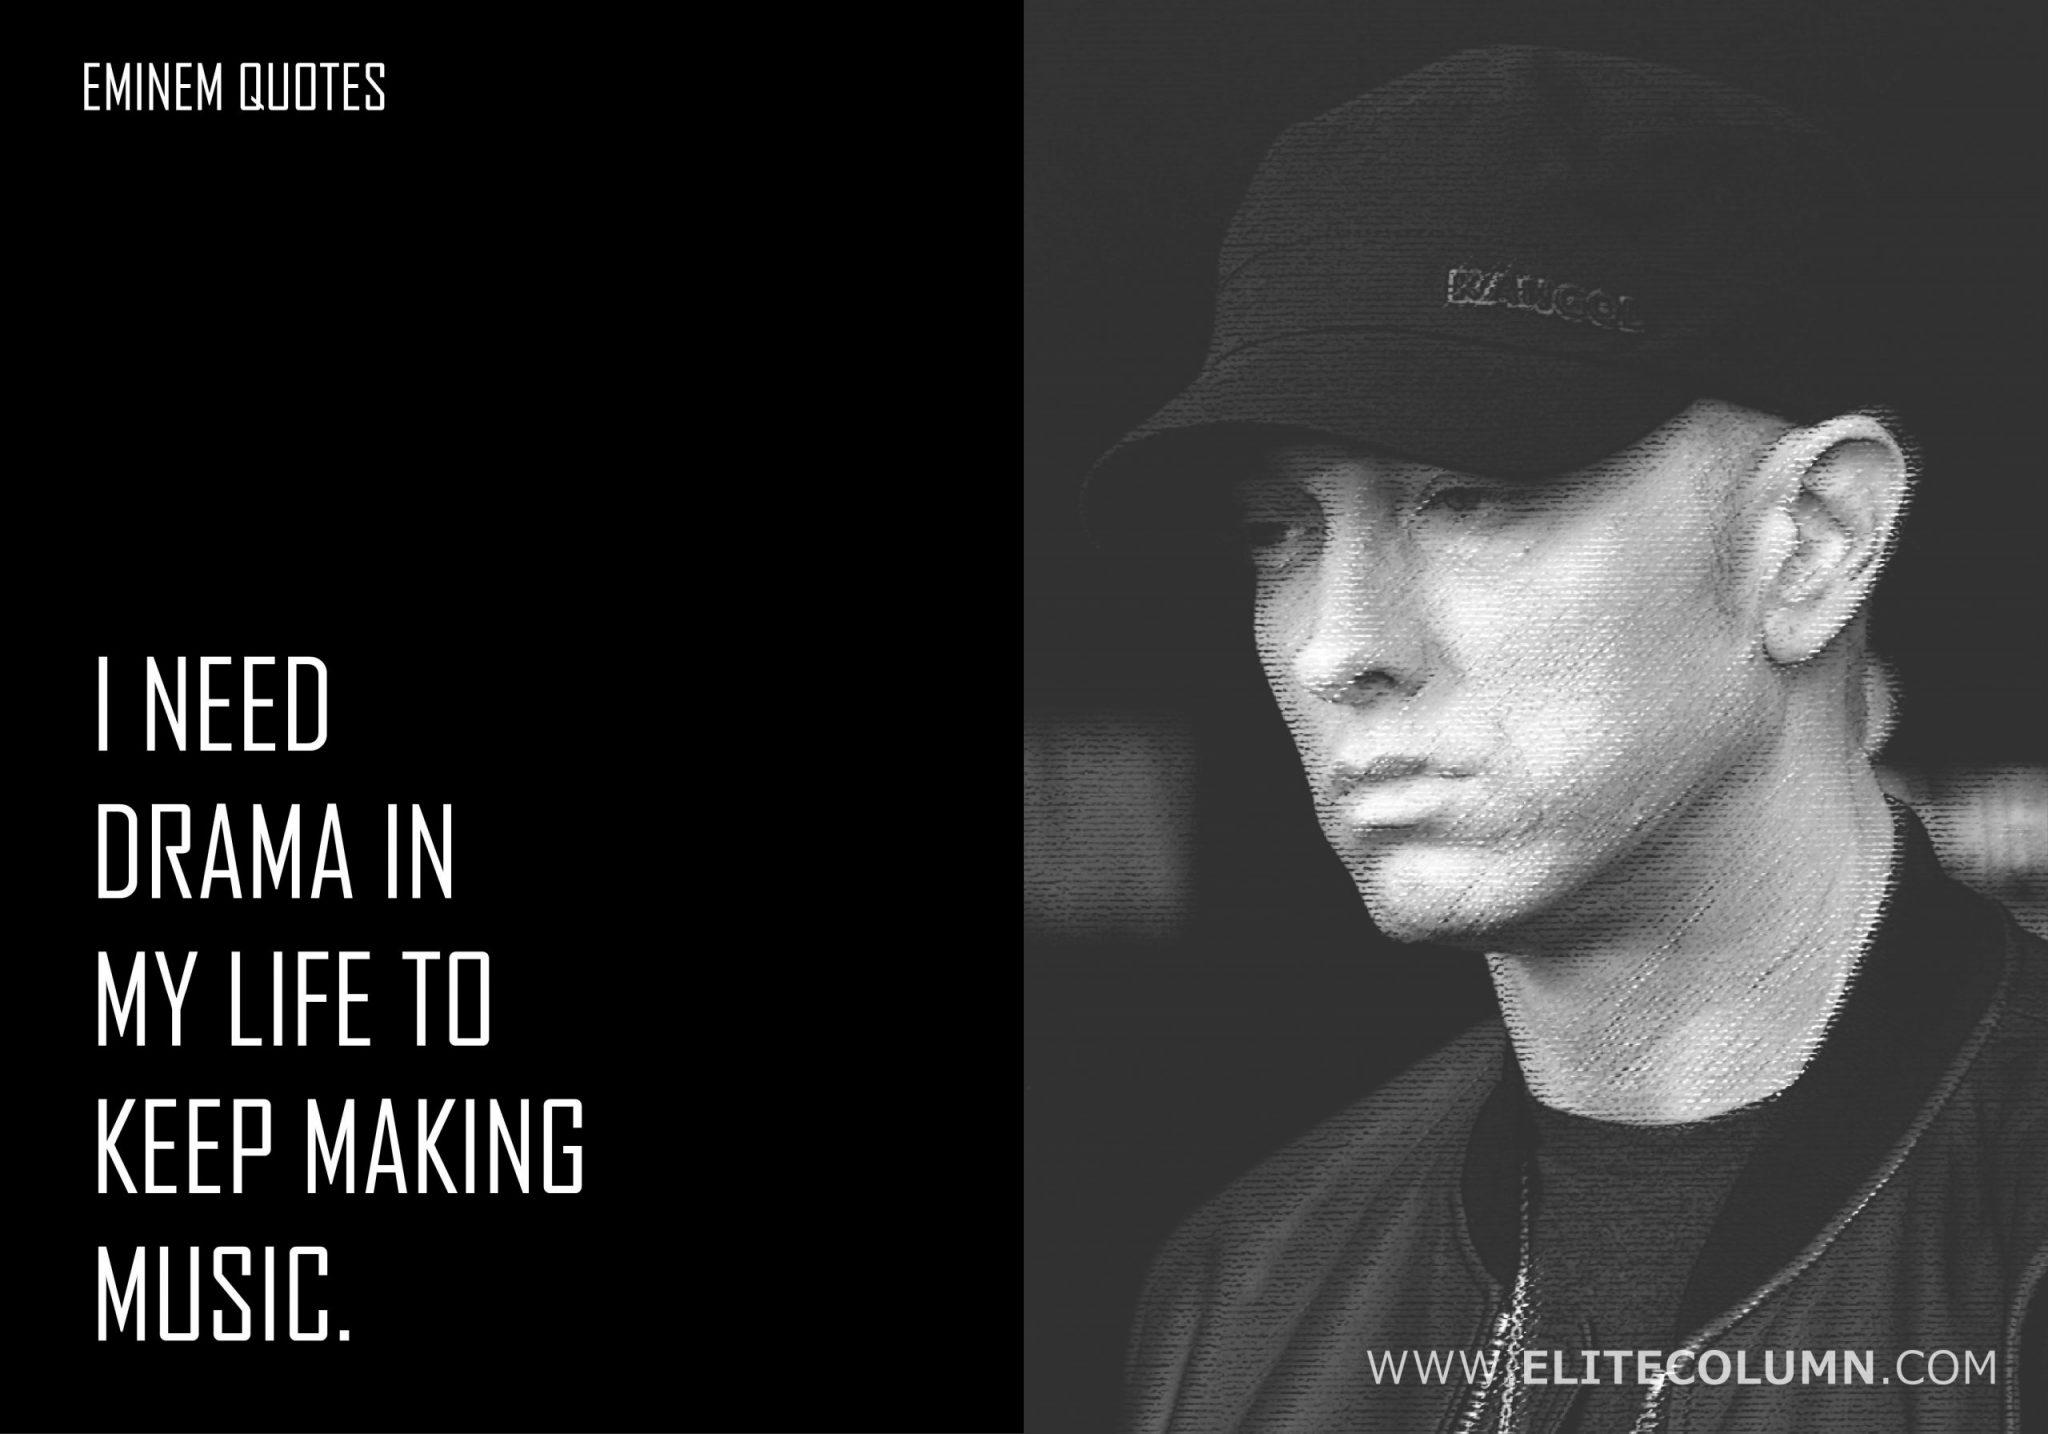 Eminem Quotes (8)